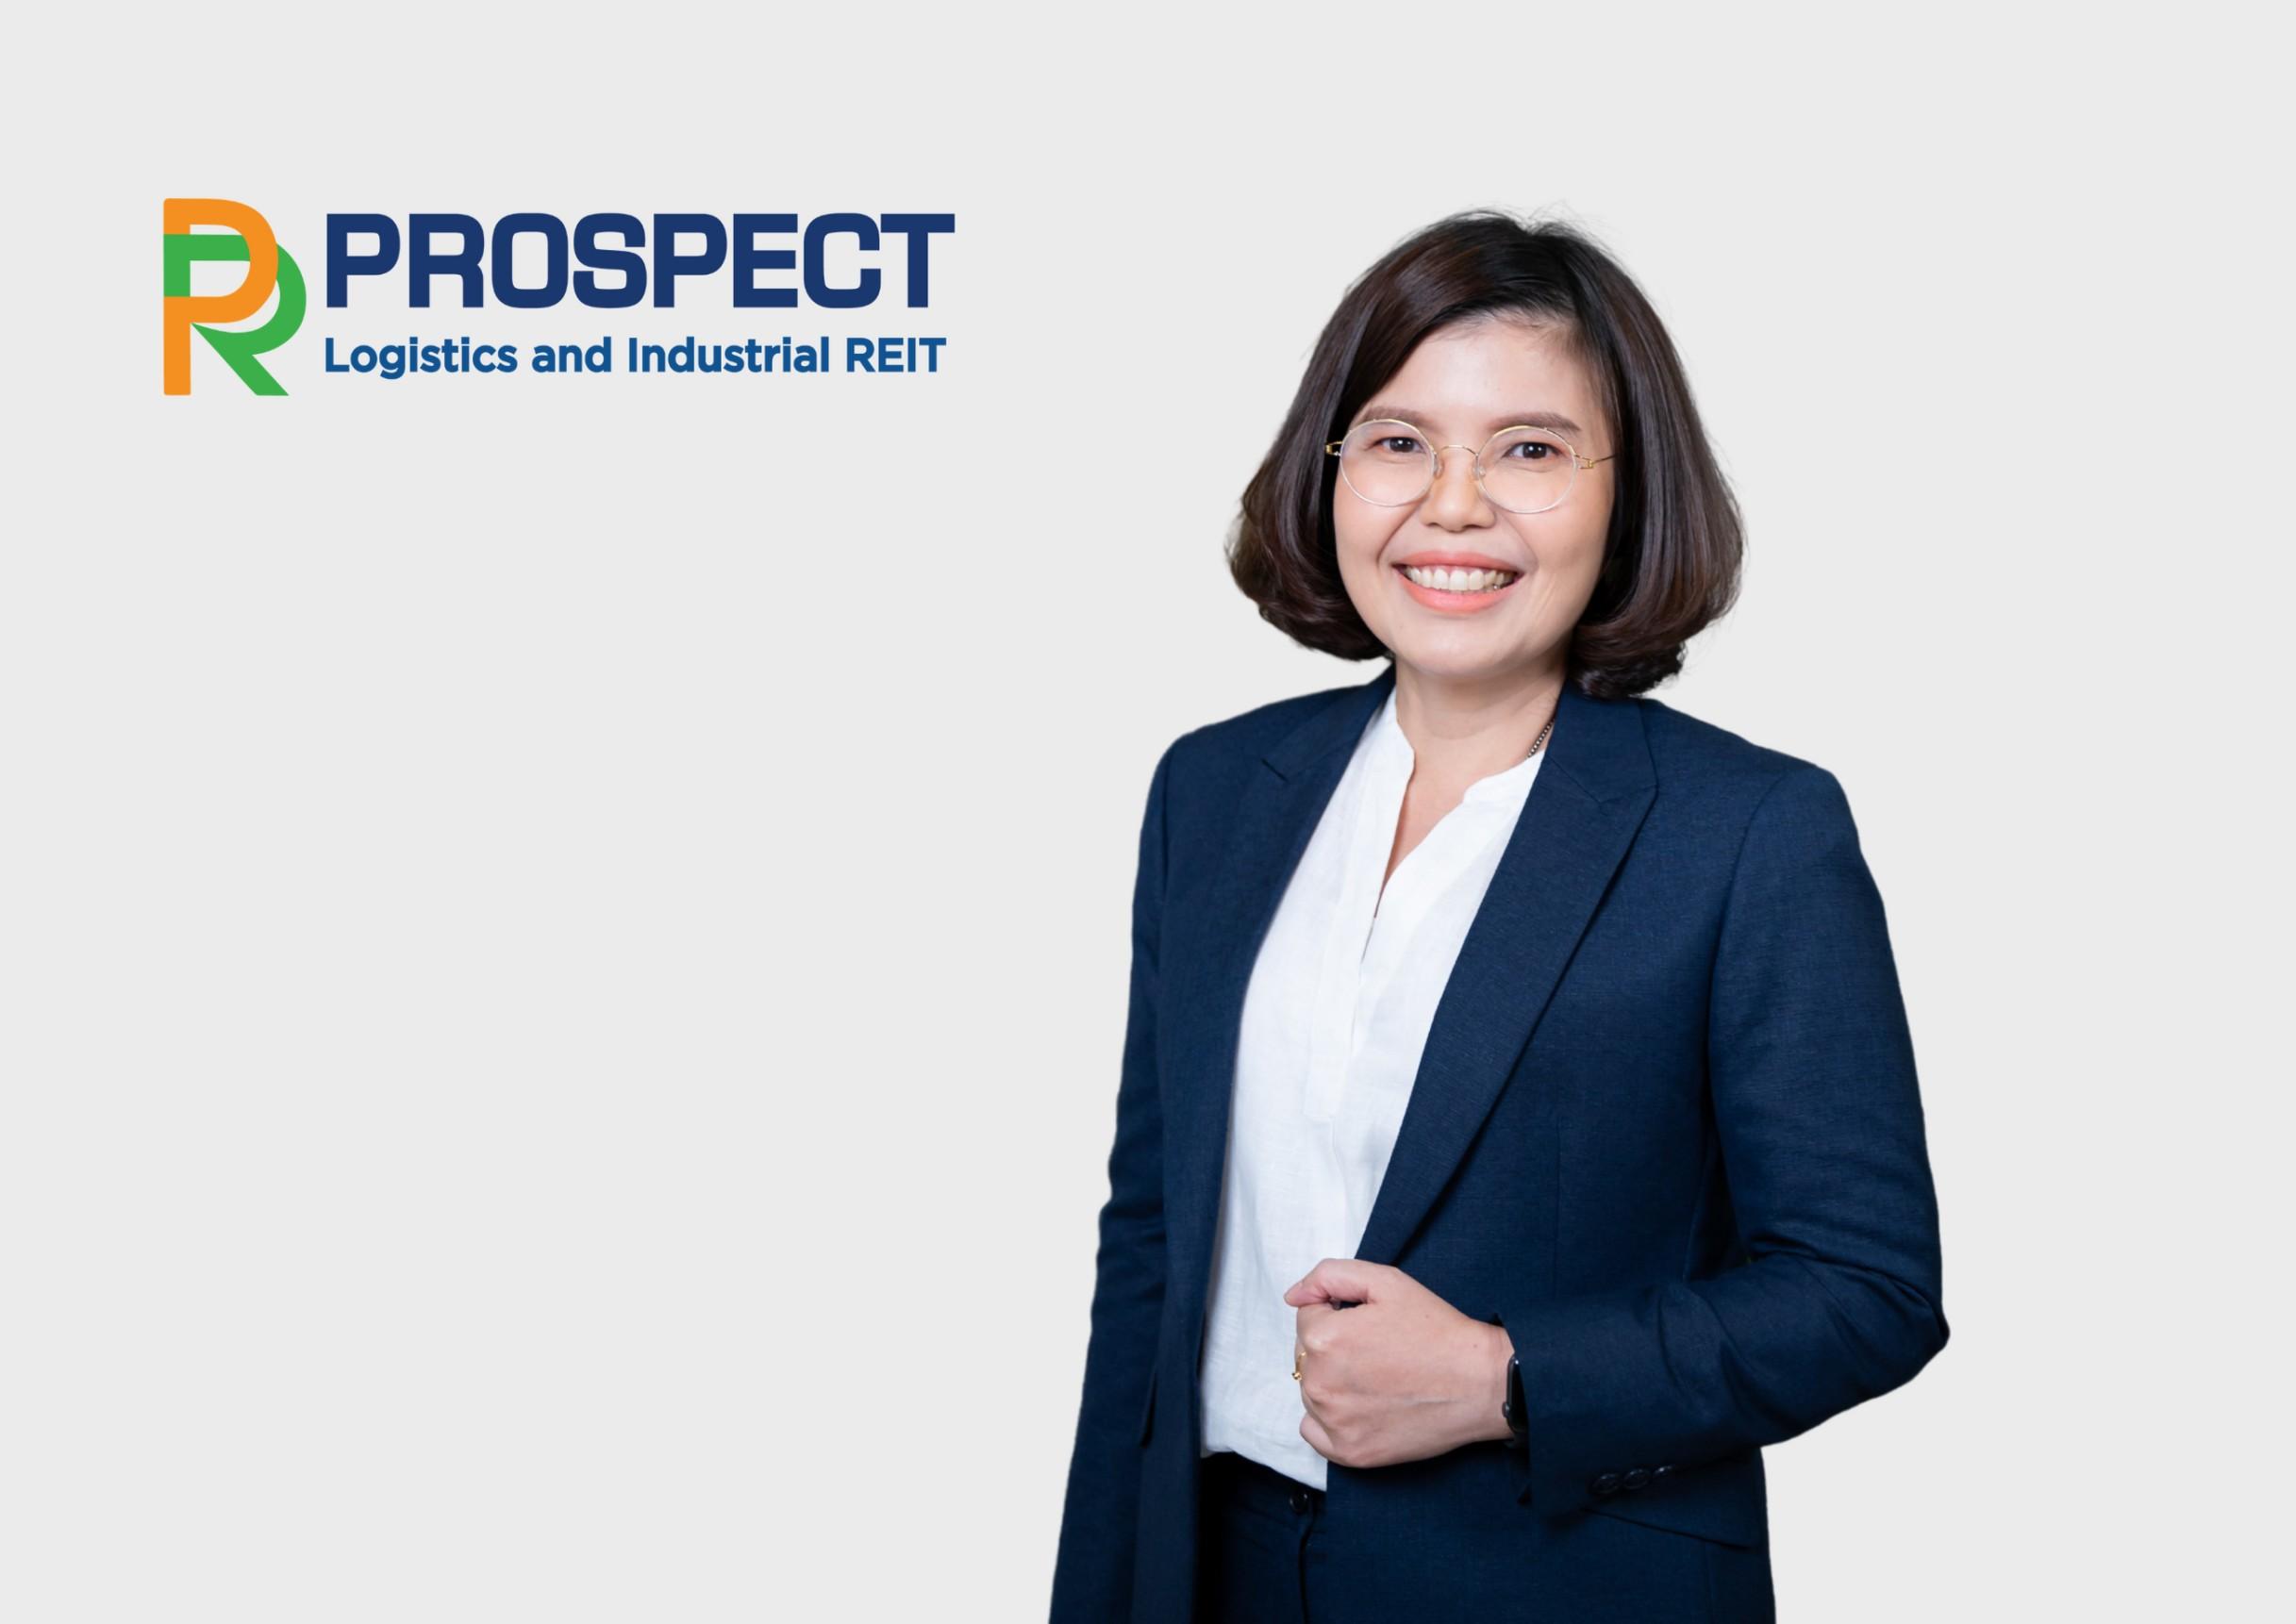 กองทรัสต์ PROSPECT เซ็นสัญญาผู้เช่าใหม่ ดันอัตราเช่าพื้นที่ Q2/64 สูงกว่า 98%